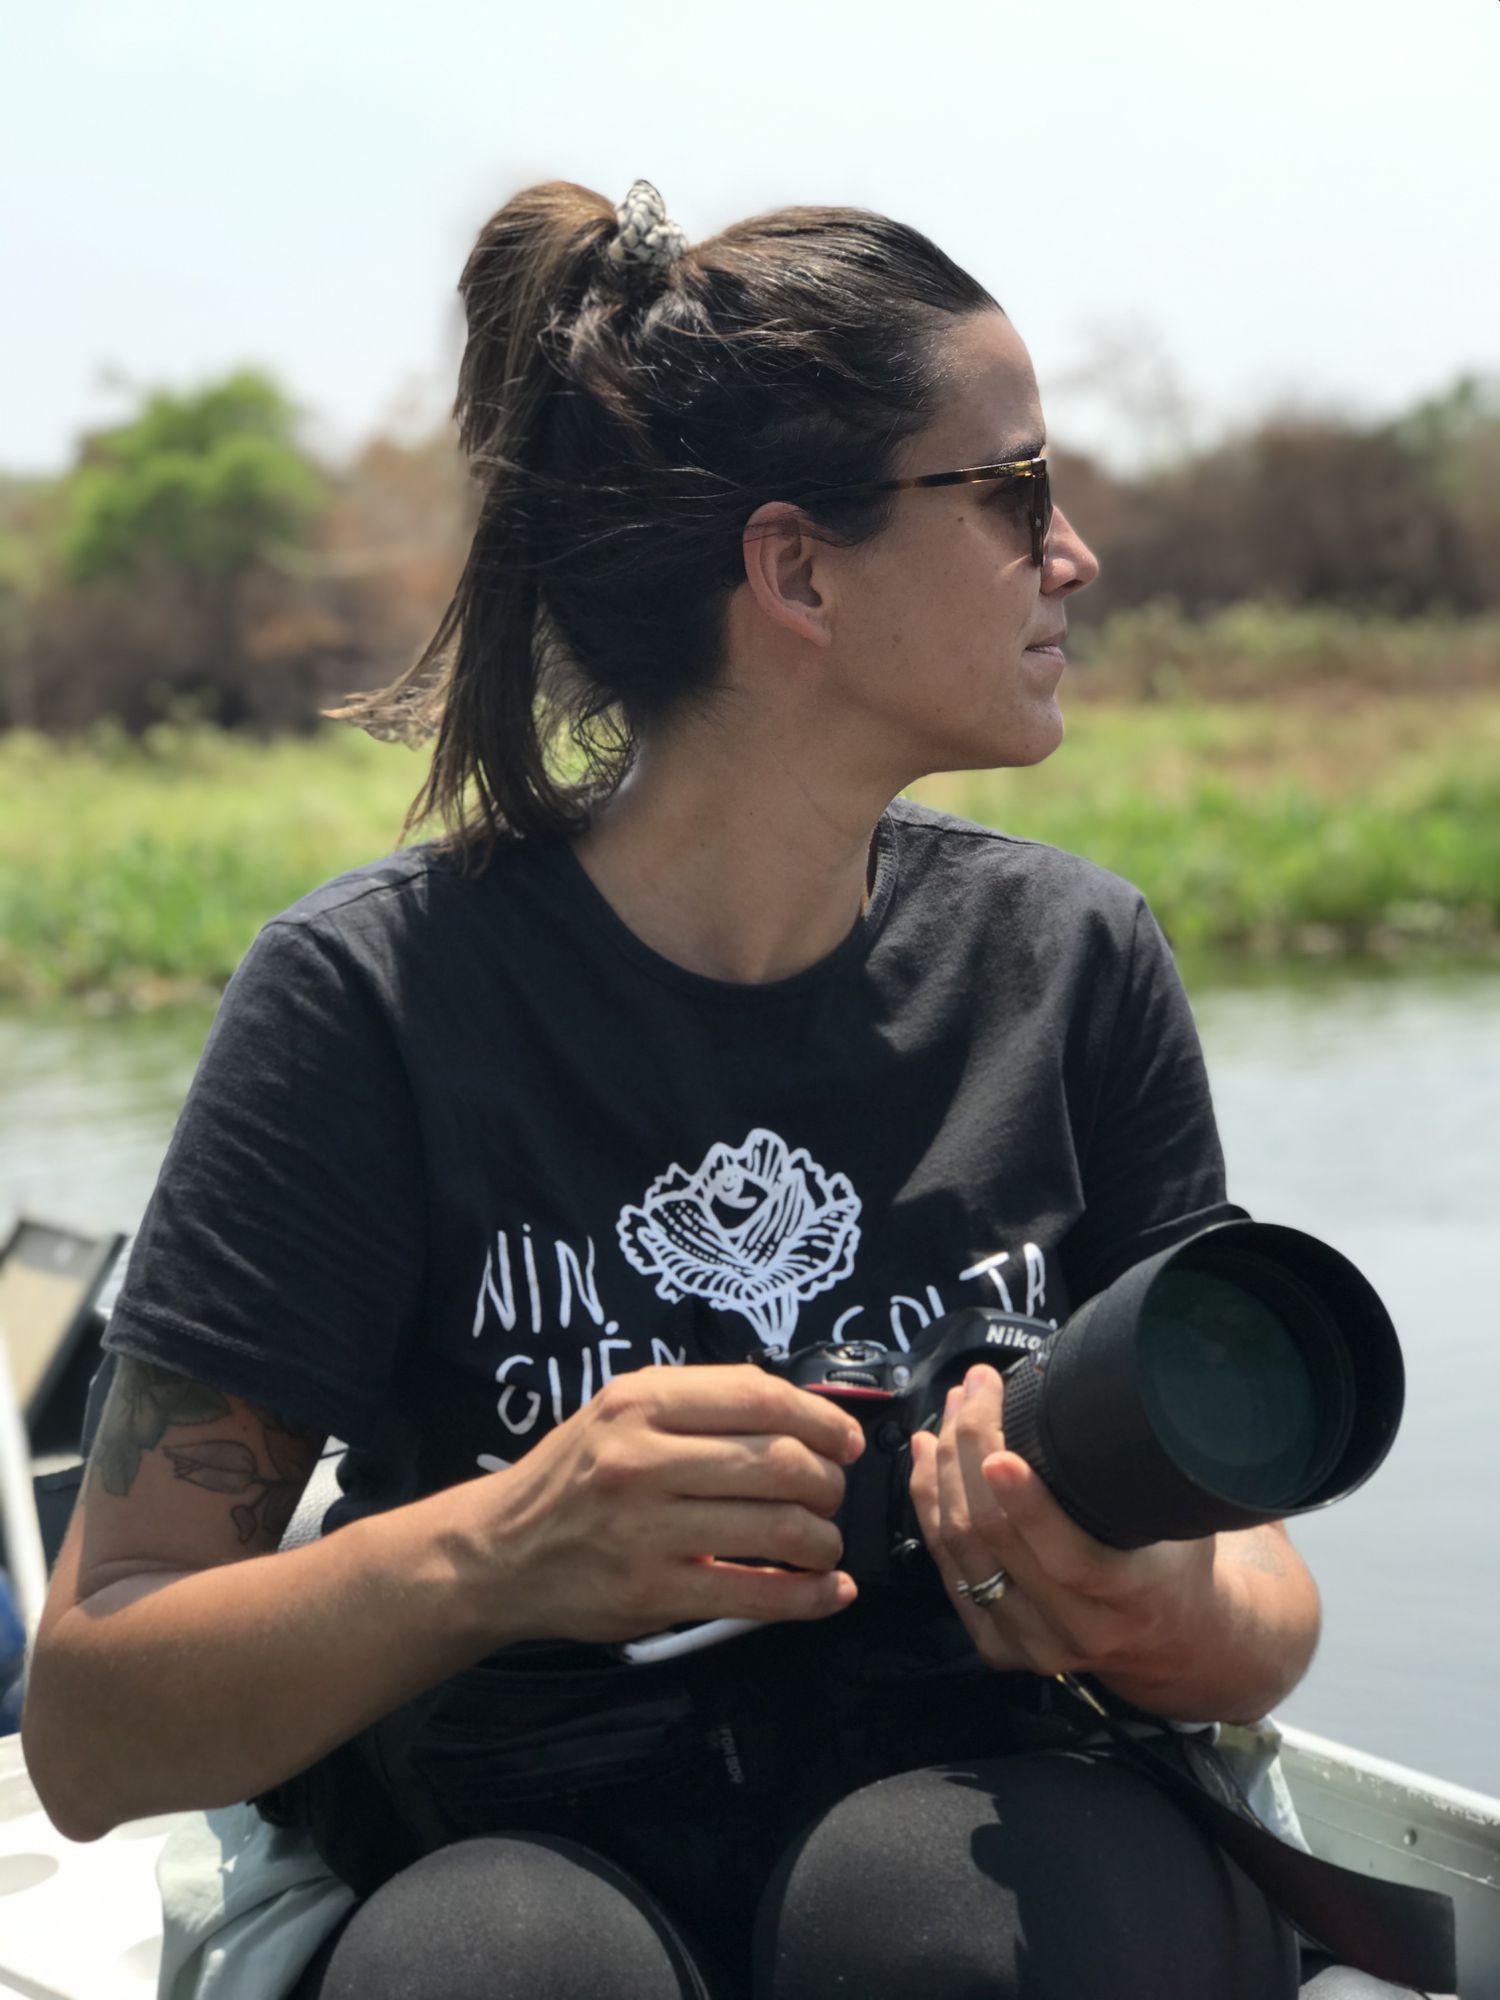 La investigadora Luciana Leite, fotografiada en el río São Lourenço, en el Pantanal, donde fue voluntaria contra los incendios de este verano